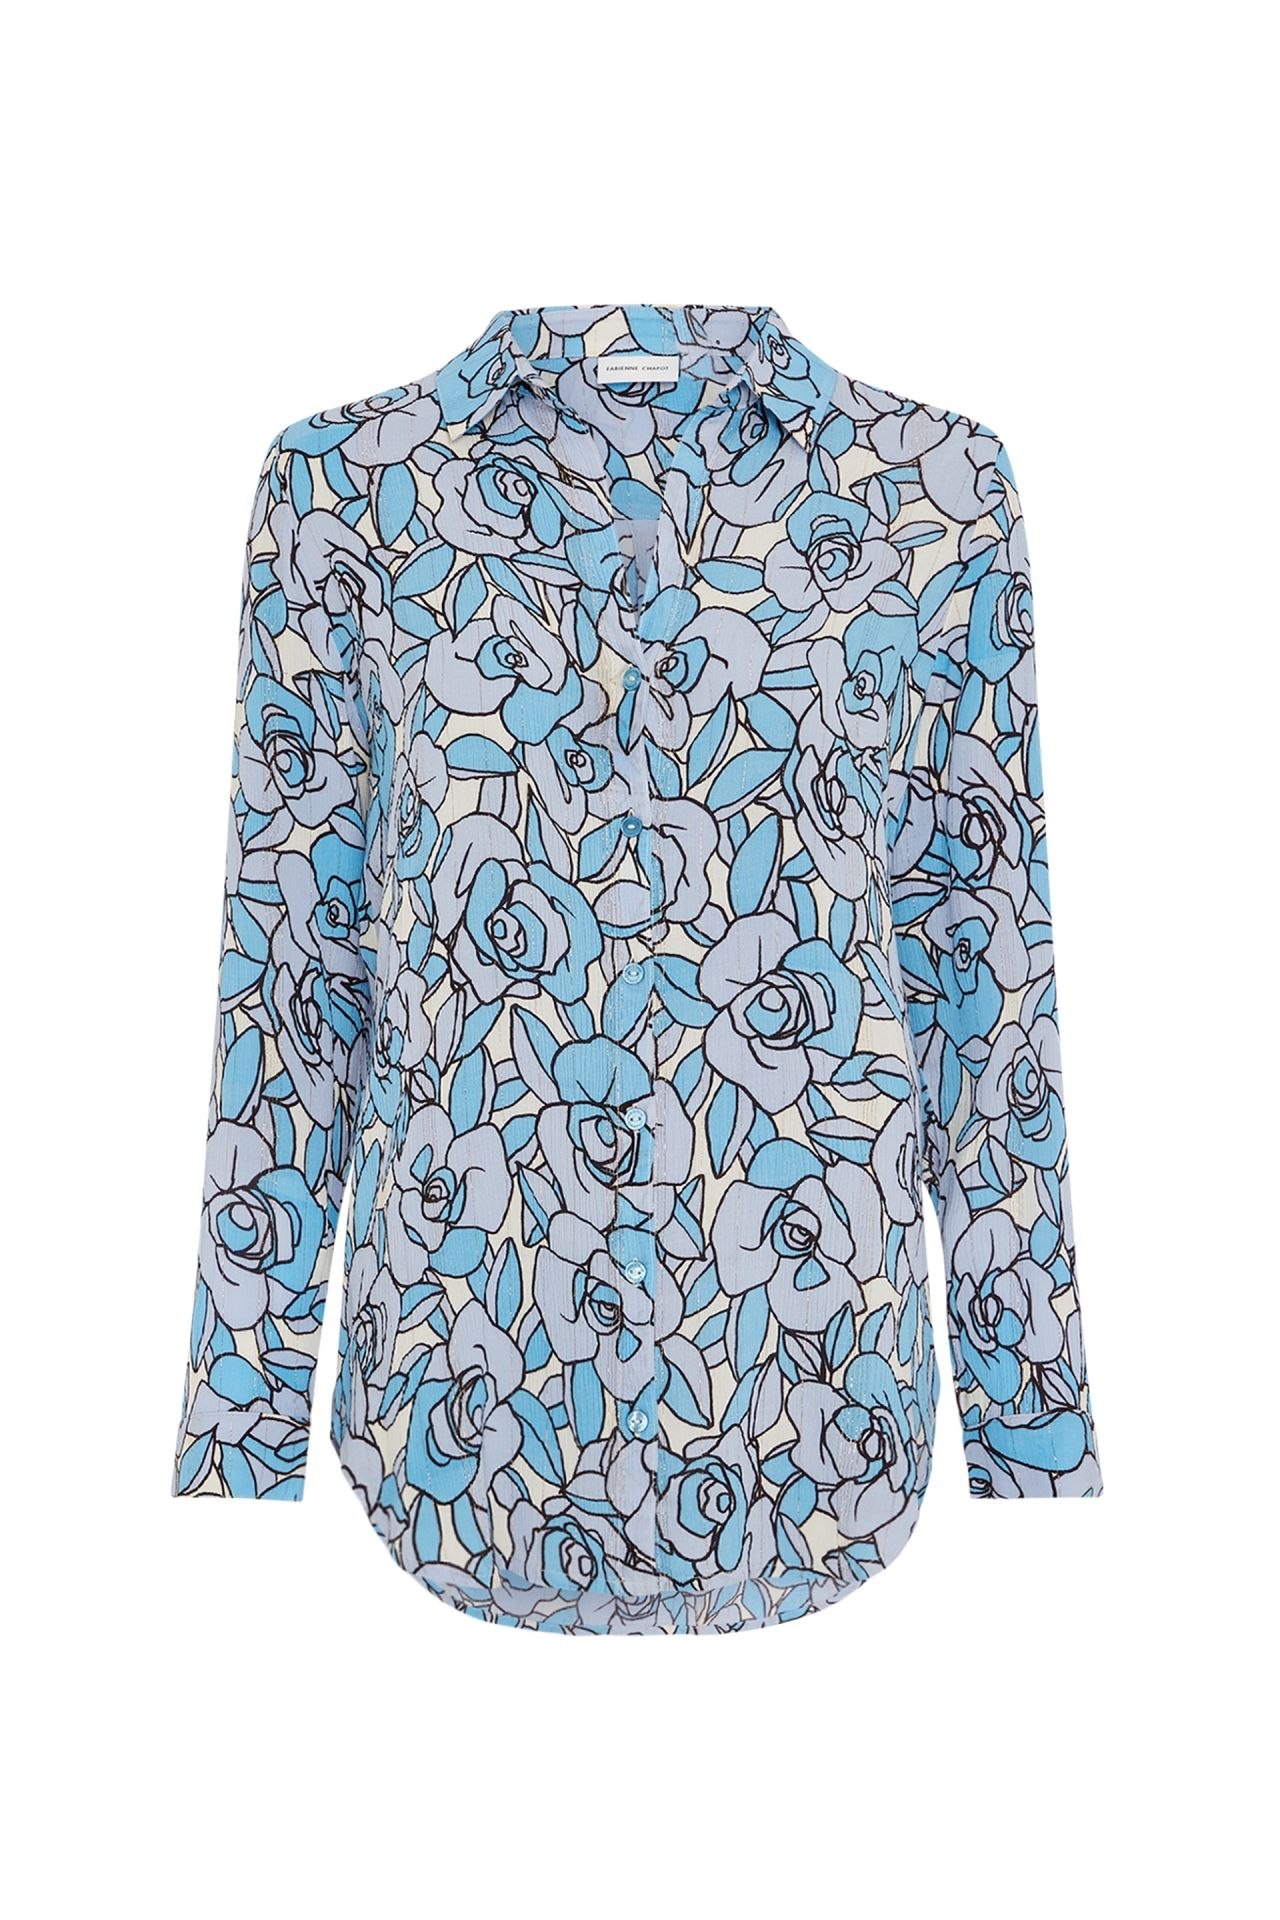 Blauwe dames blouse - Fabienne Chapot - Lily Isa blouse - lavender/ warm